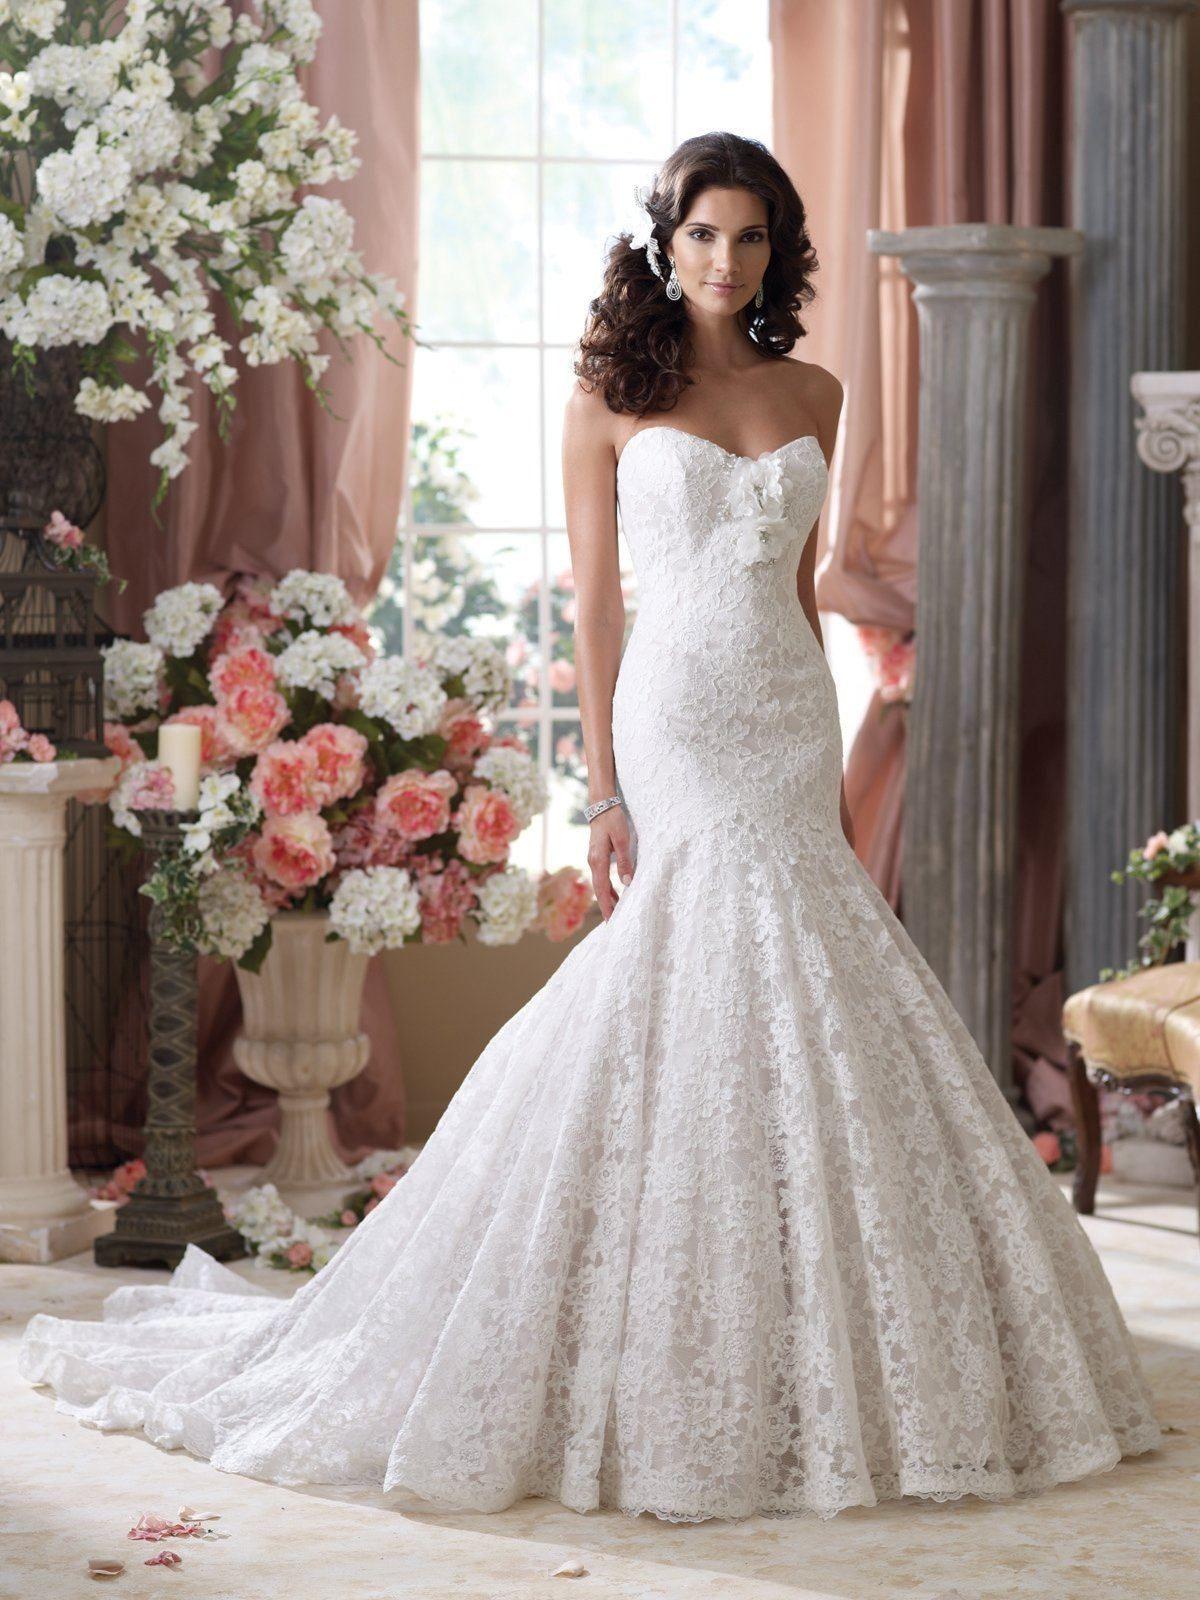 Фото со свадебными платьями в картинках